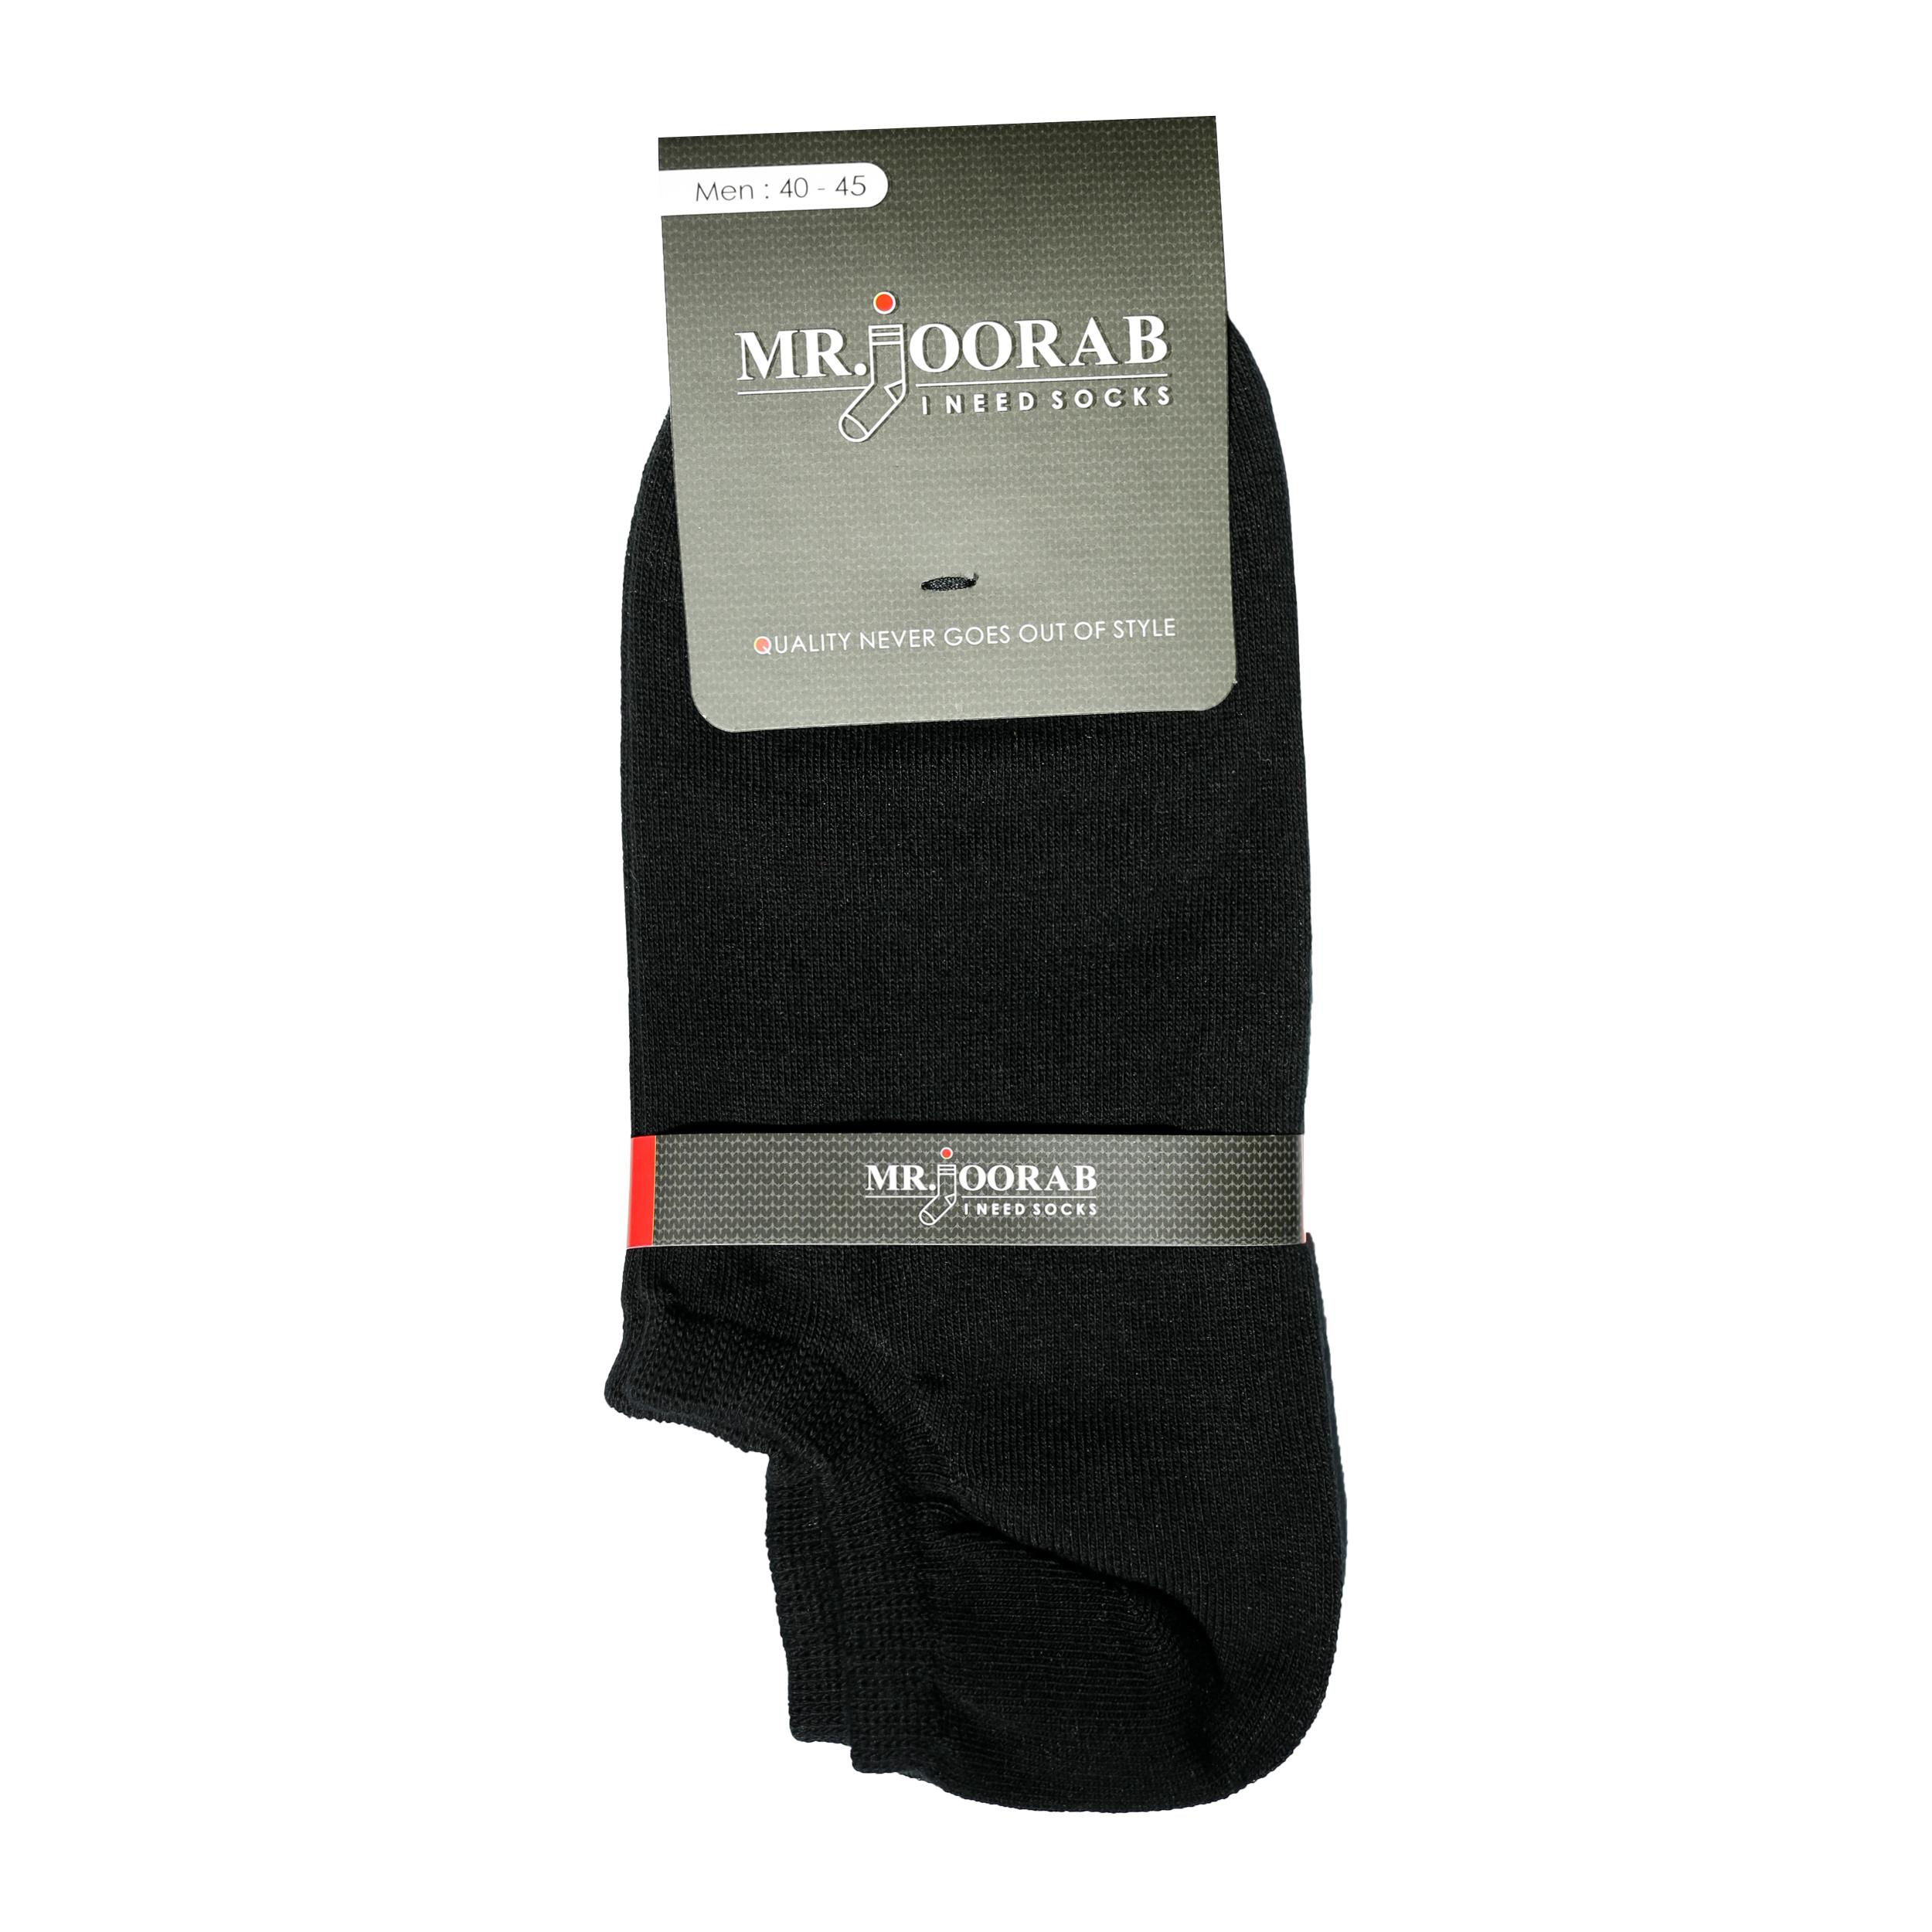 جوراب مردانه مستر جوراب کد BL-MRM 101 -  - 3